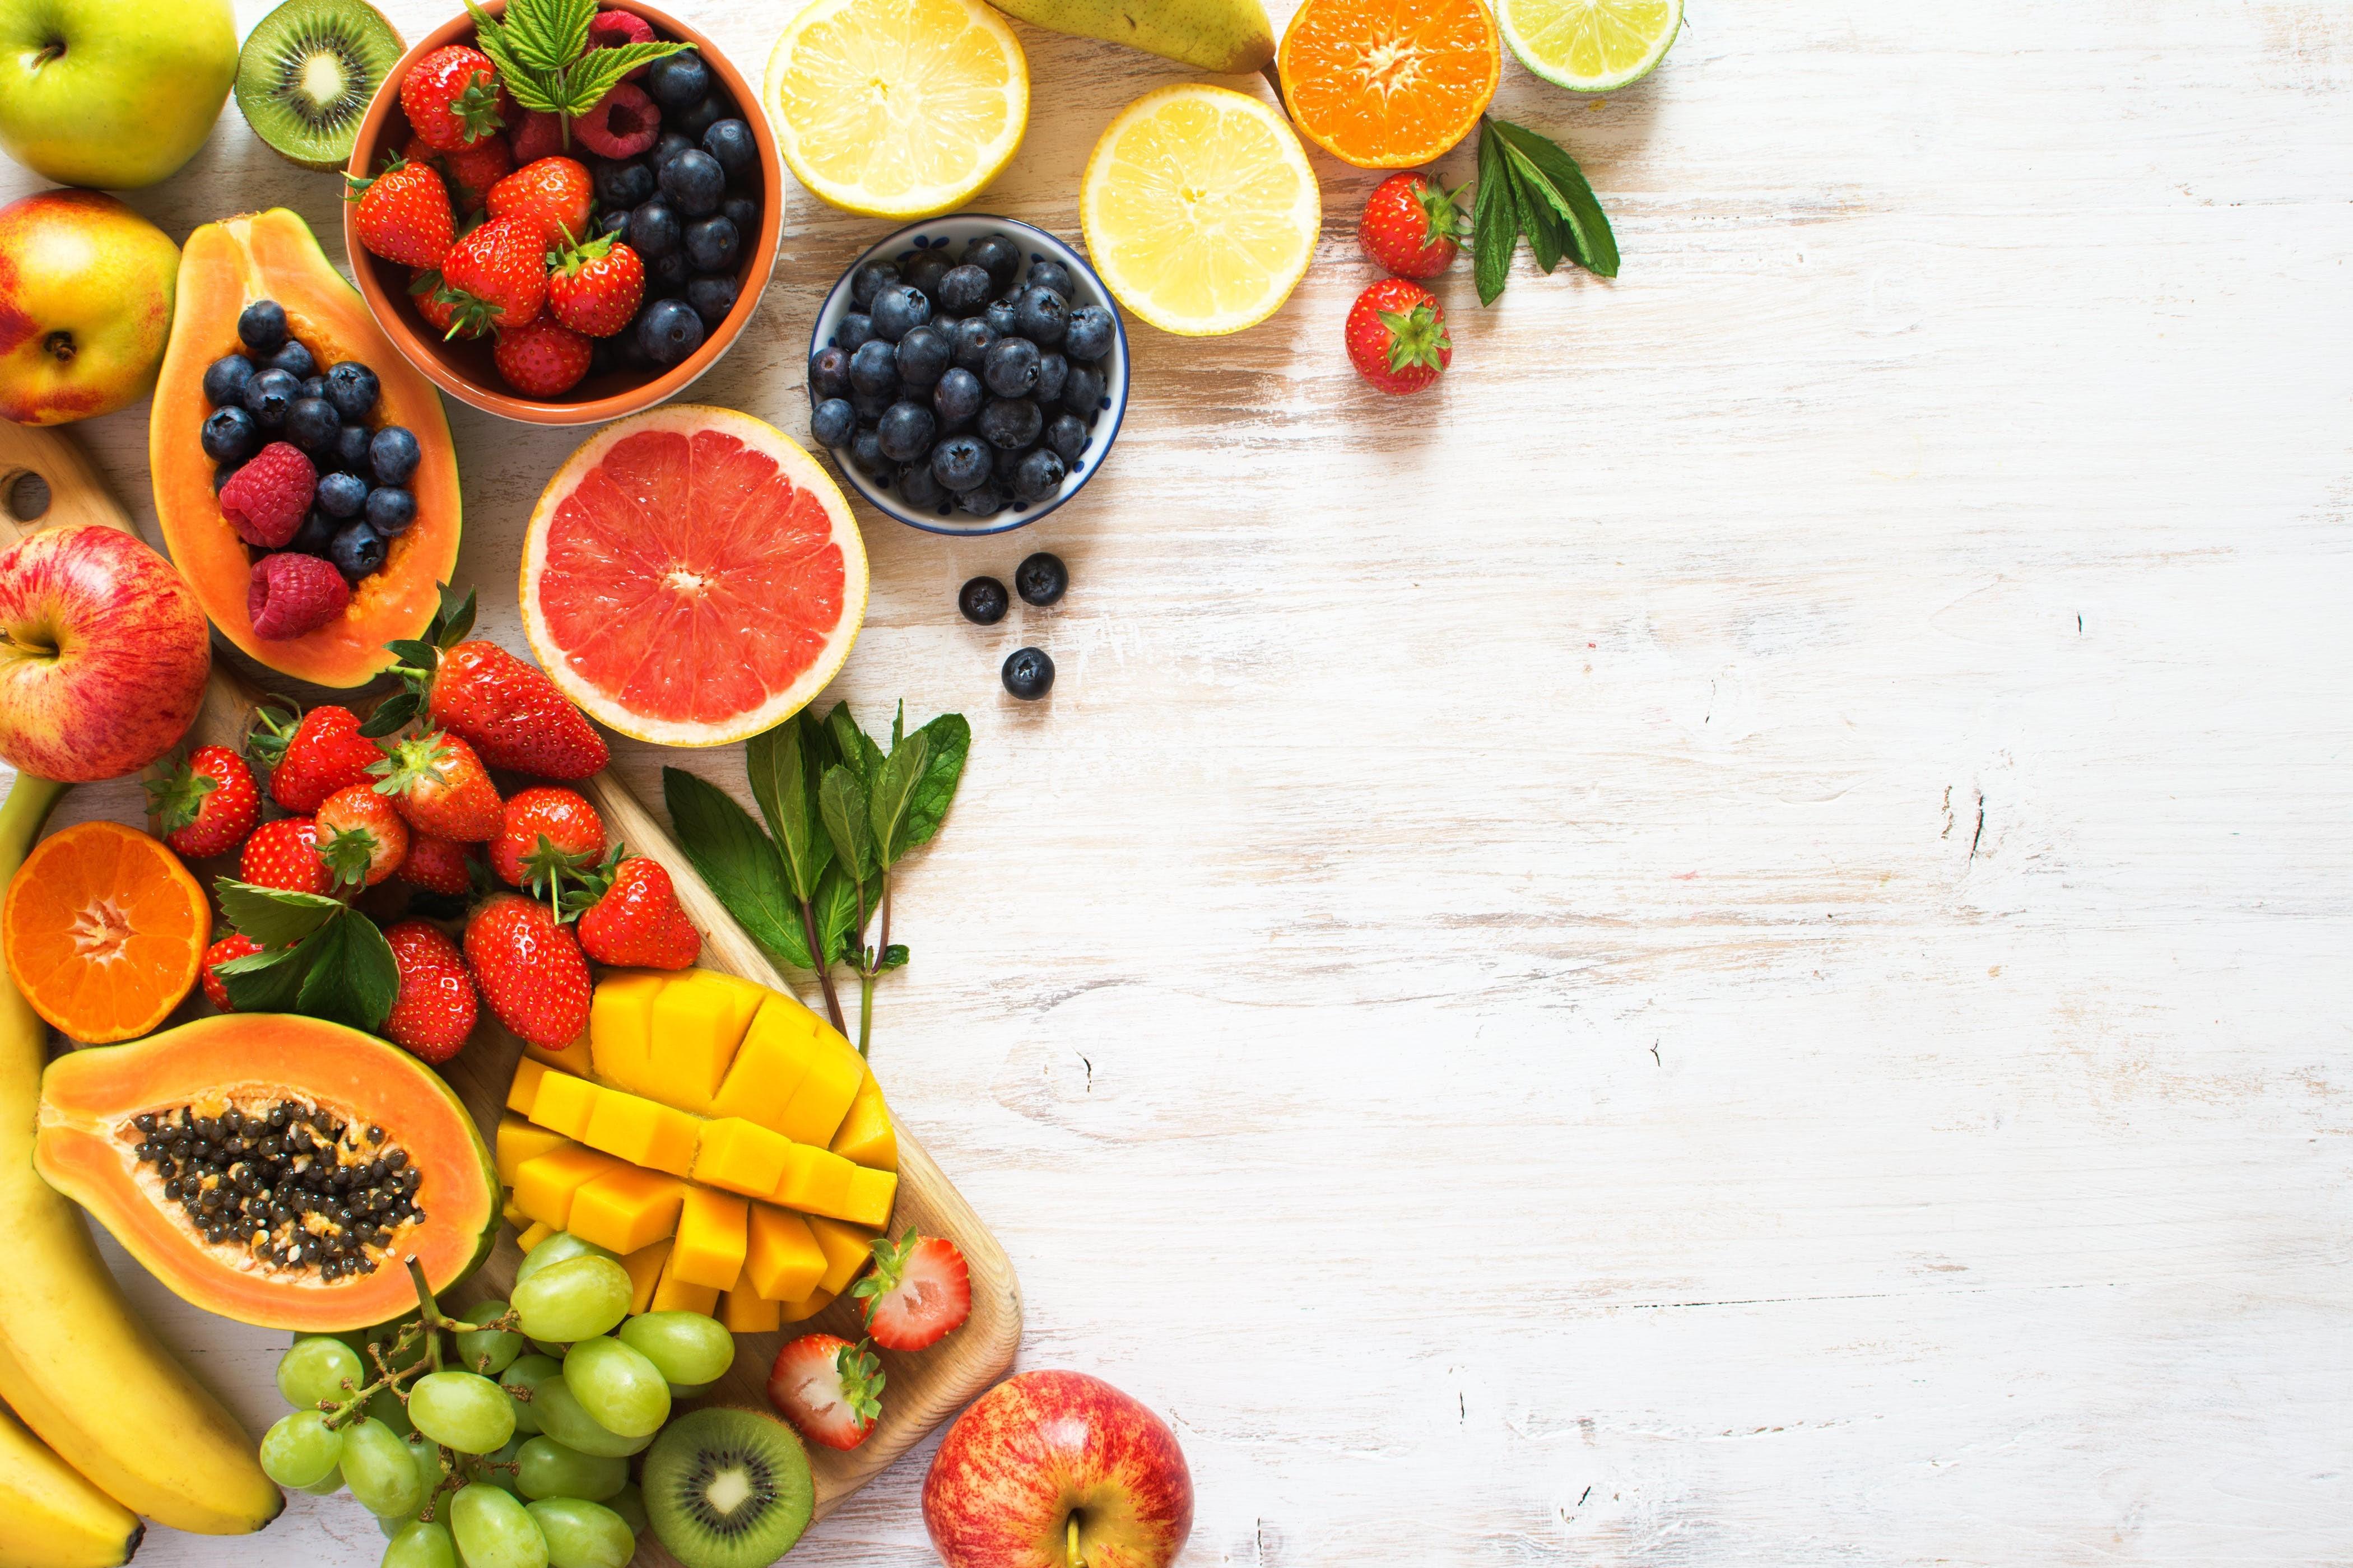 Nous espérons que ces informations vous ont permis de mieux comprendre quels sont les aliments pauvres en glucides. Rappelez-vous, il n'existe pas de mauvais aliment, mais de mauvaises quantités!